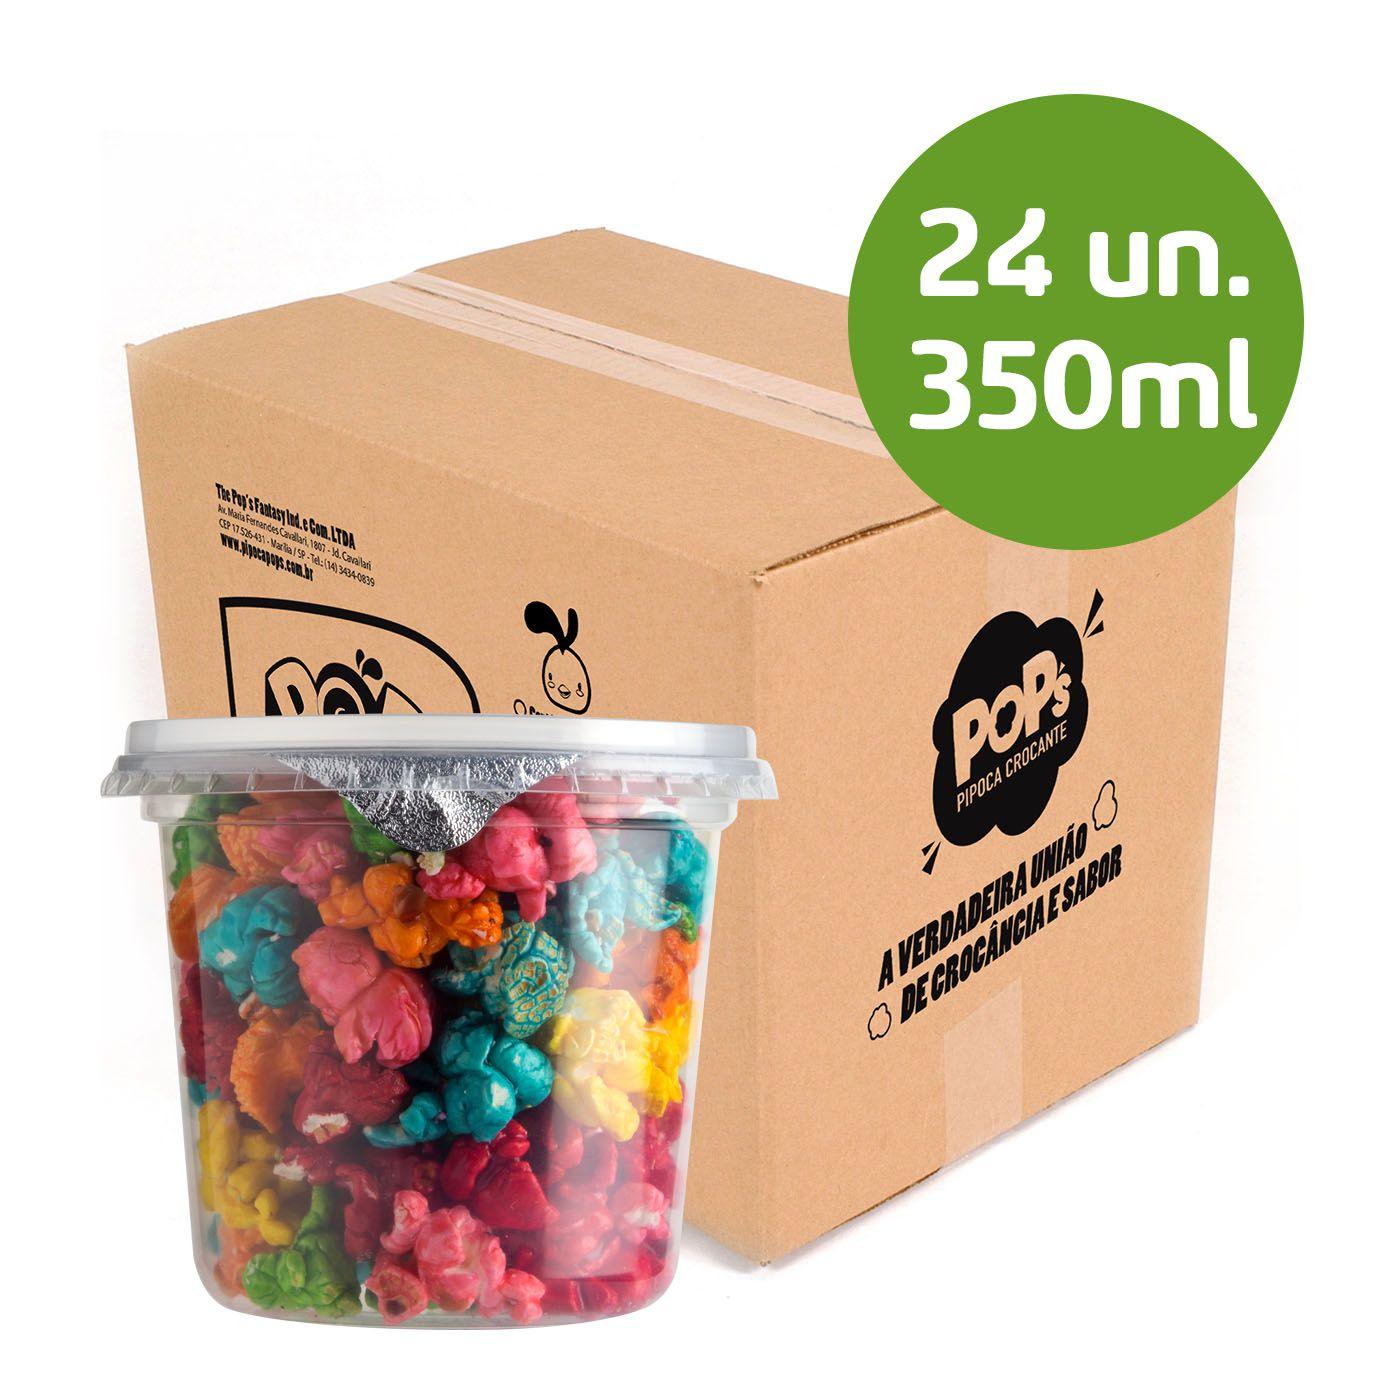 Caixa Pipoca - 350ml -  24 unidades